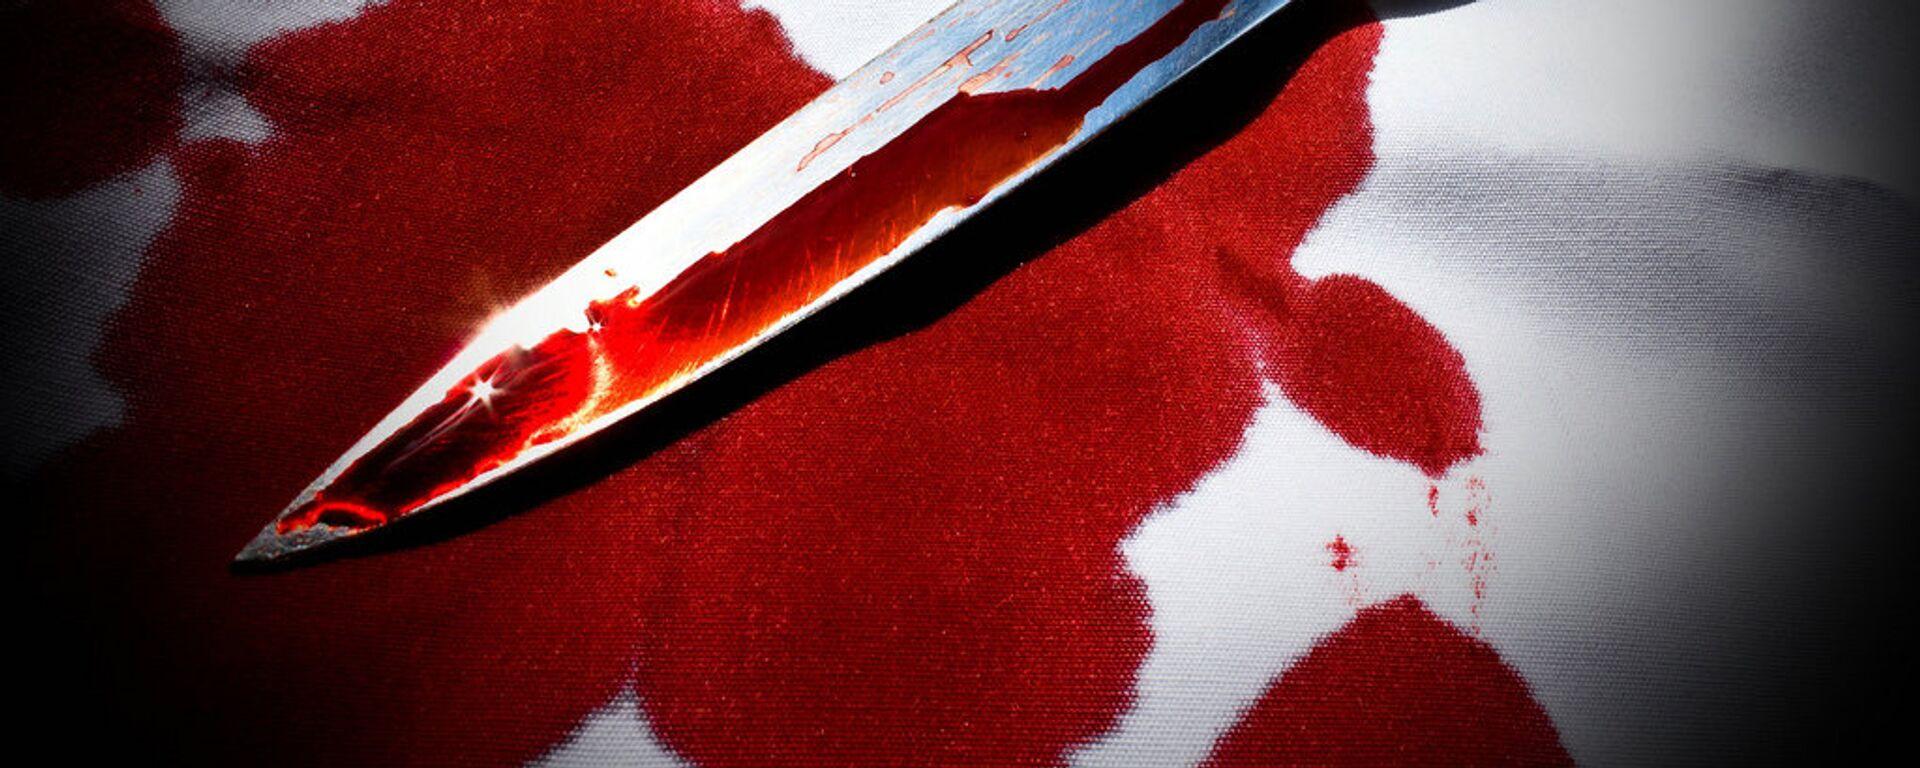 Нож в крови - Sputnik Беларусь, 1920, 30.04.2021